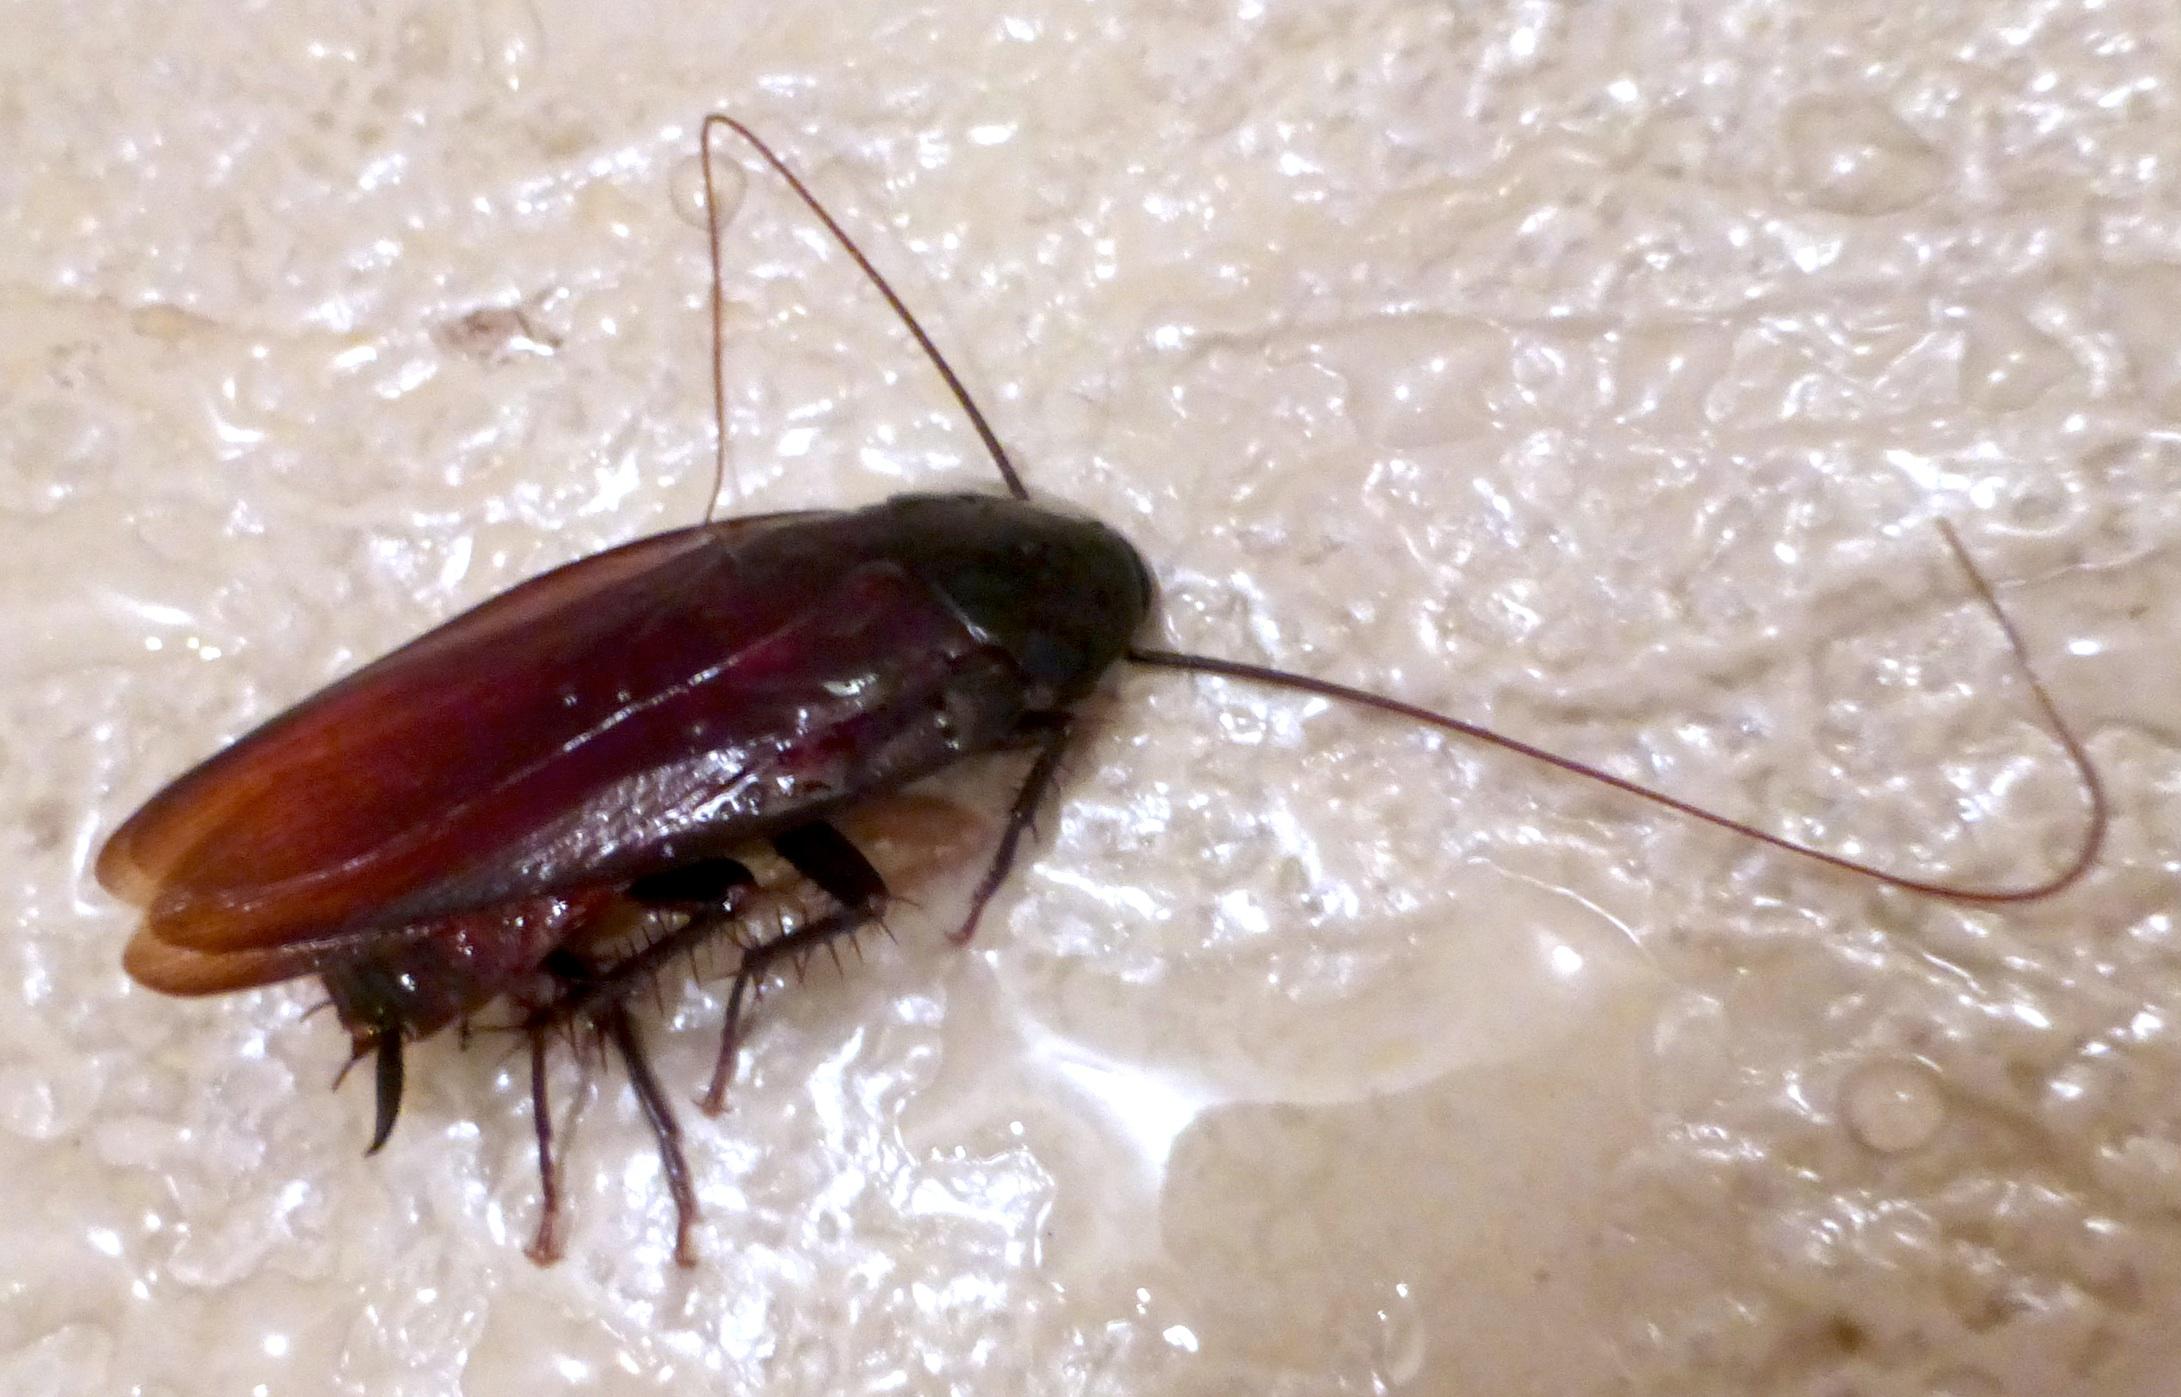 Trova scarafaggio nei ravioli: torna per lamentarsi ma quello che accade è assurdo